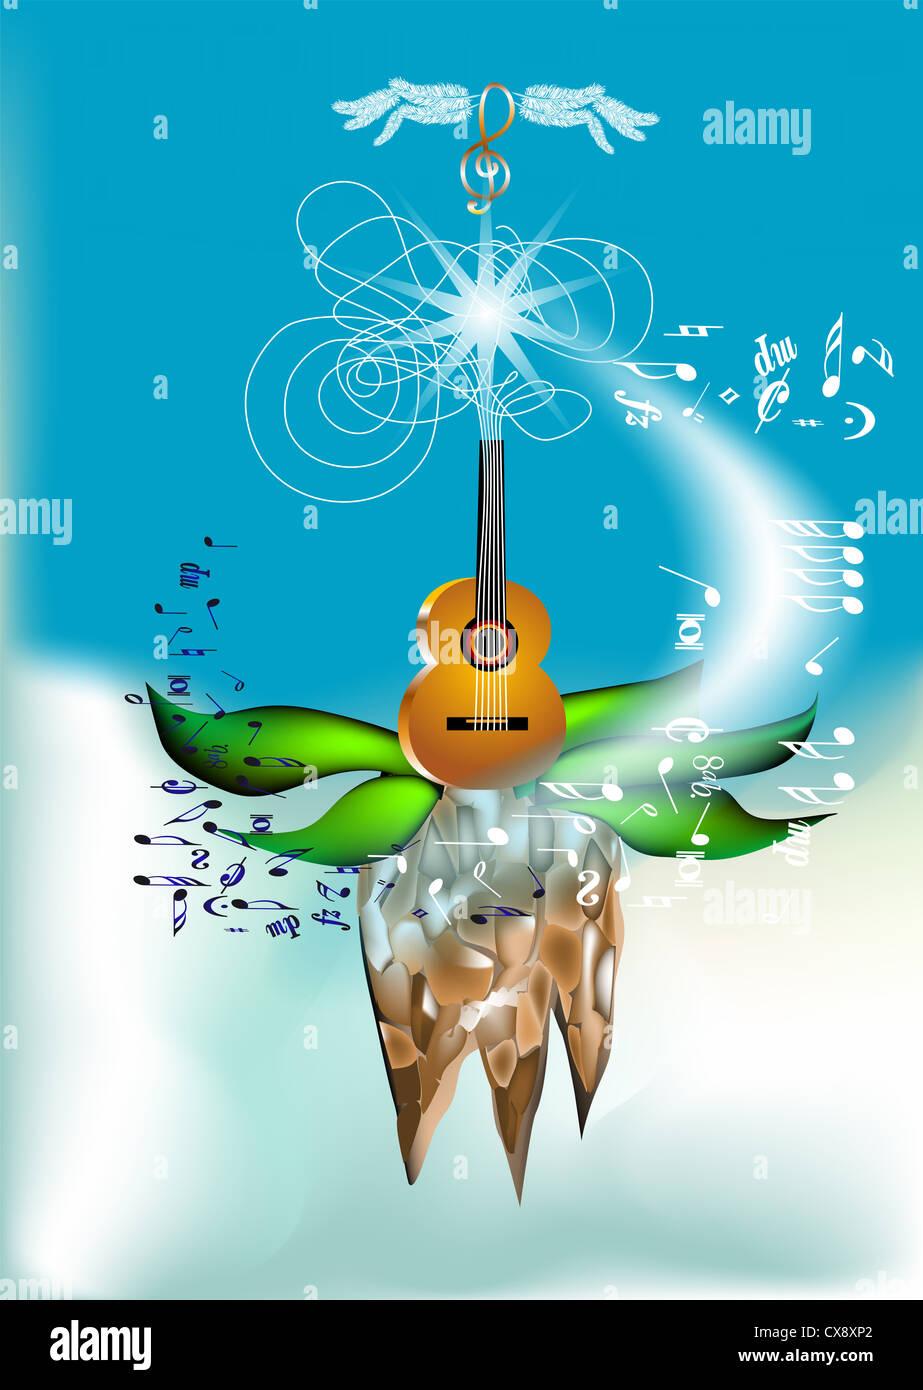 abstrakte musikalische Untermalung mit Gitarre und Violinschlüssel Stockbild